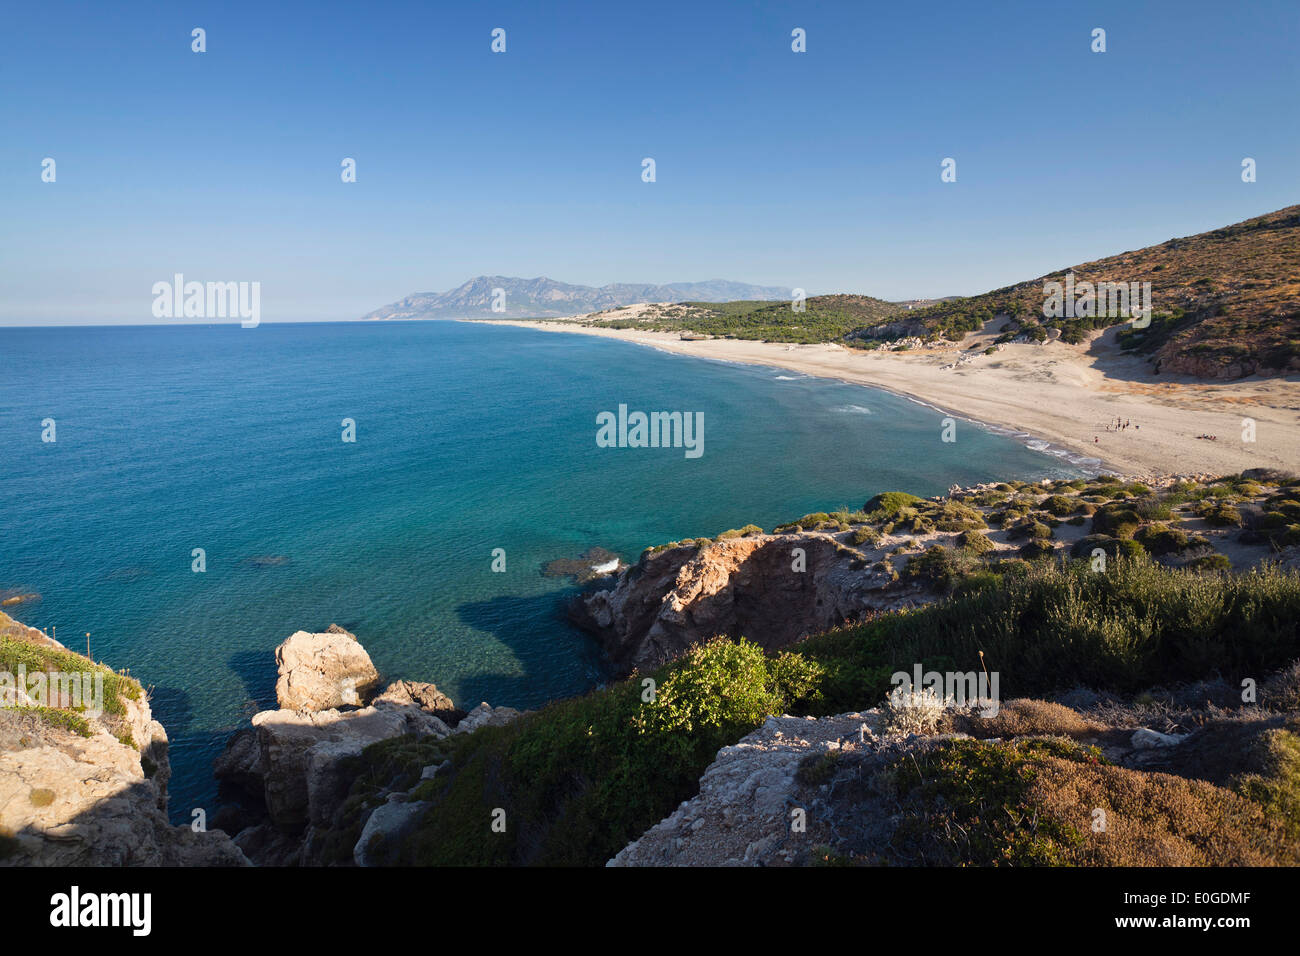 Playa de Patara, Licio Costa, Mar Mediterráneo, Turquía Imagen De Stock